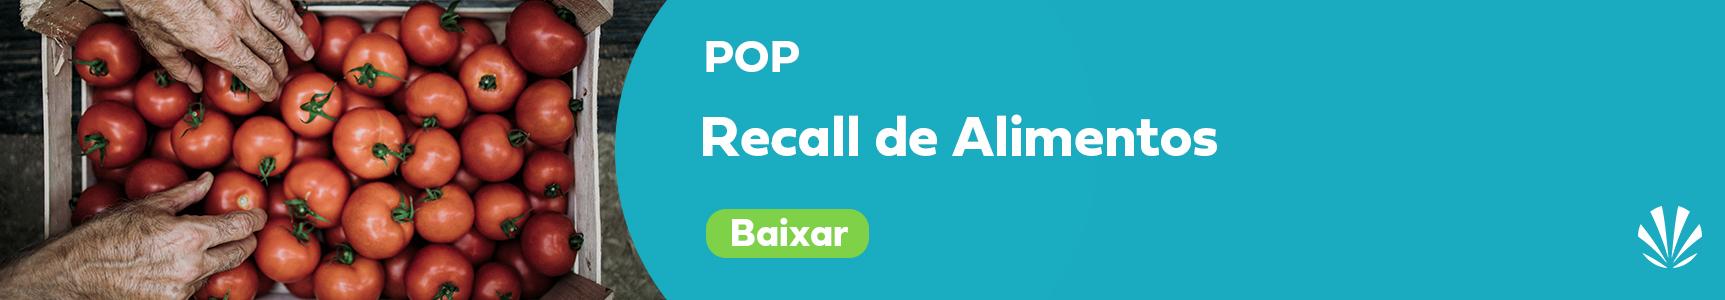 POP Recall de Alimentos